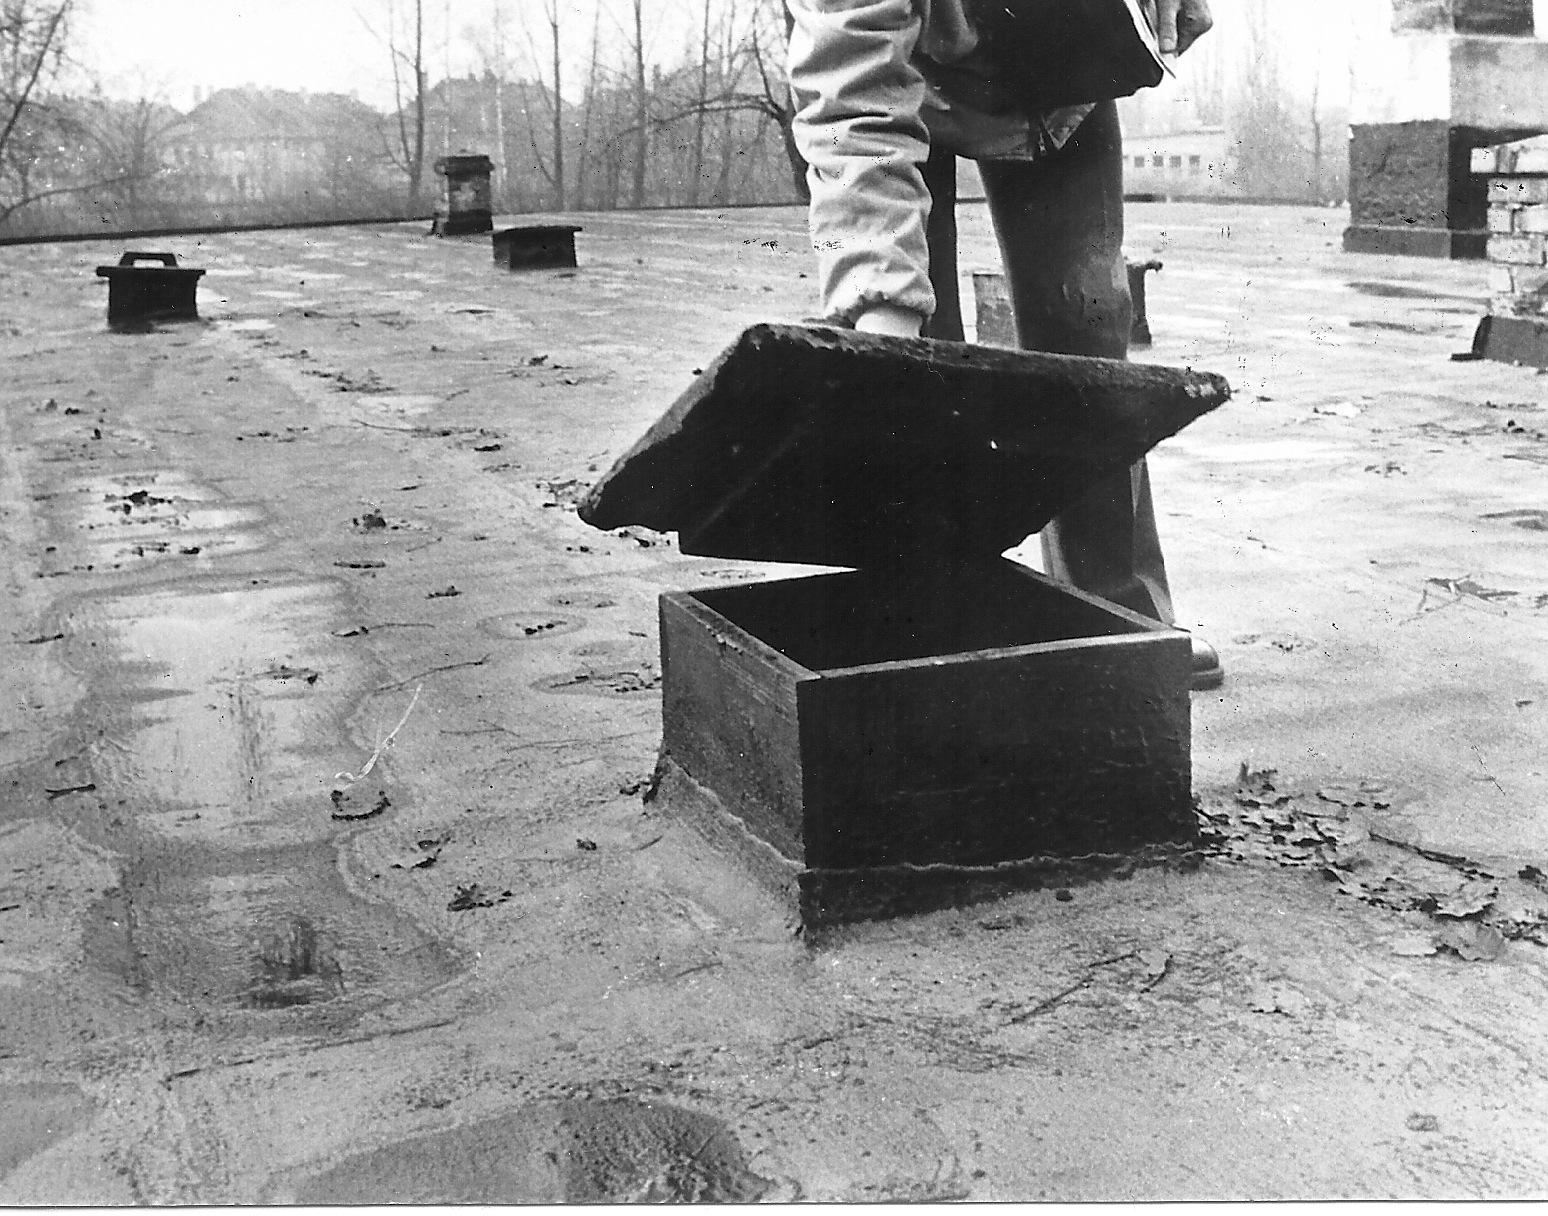 Le clan des v nitiens 10 01 2011 11 01 2011 for Auschwitz chambre a gaz